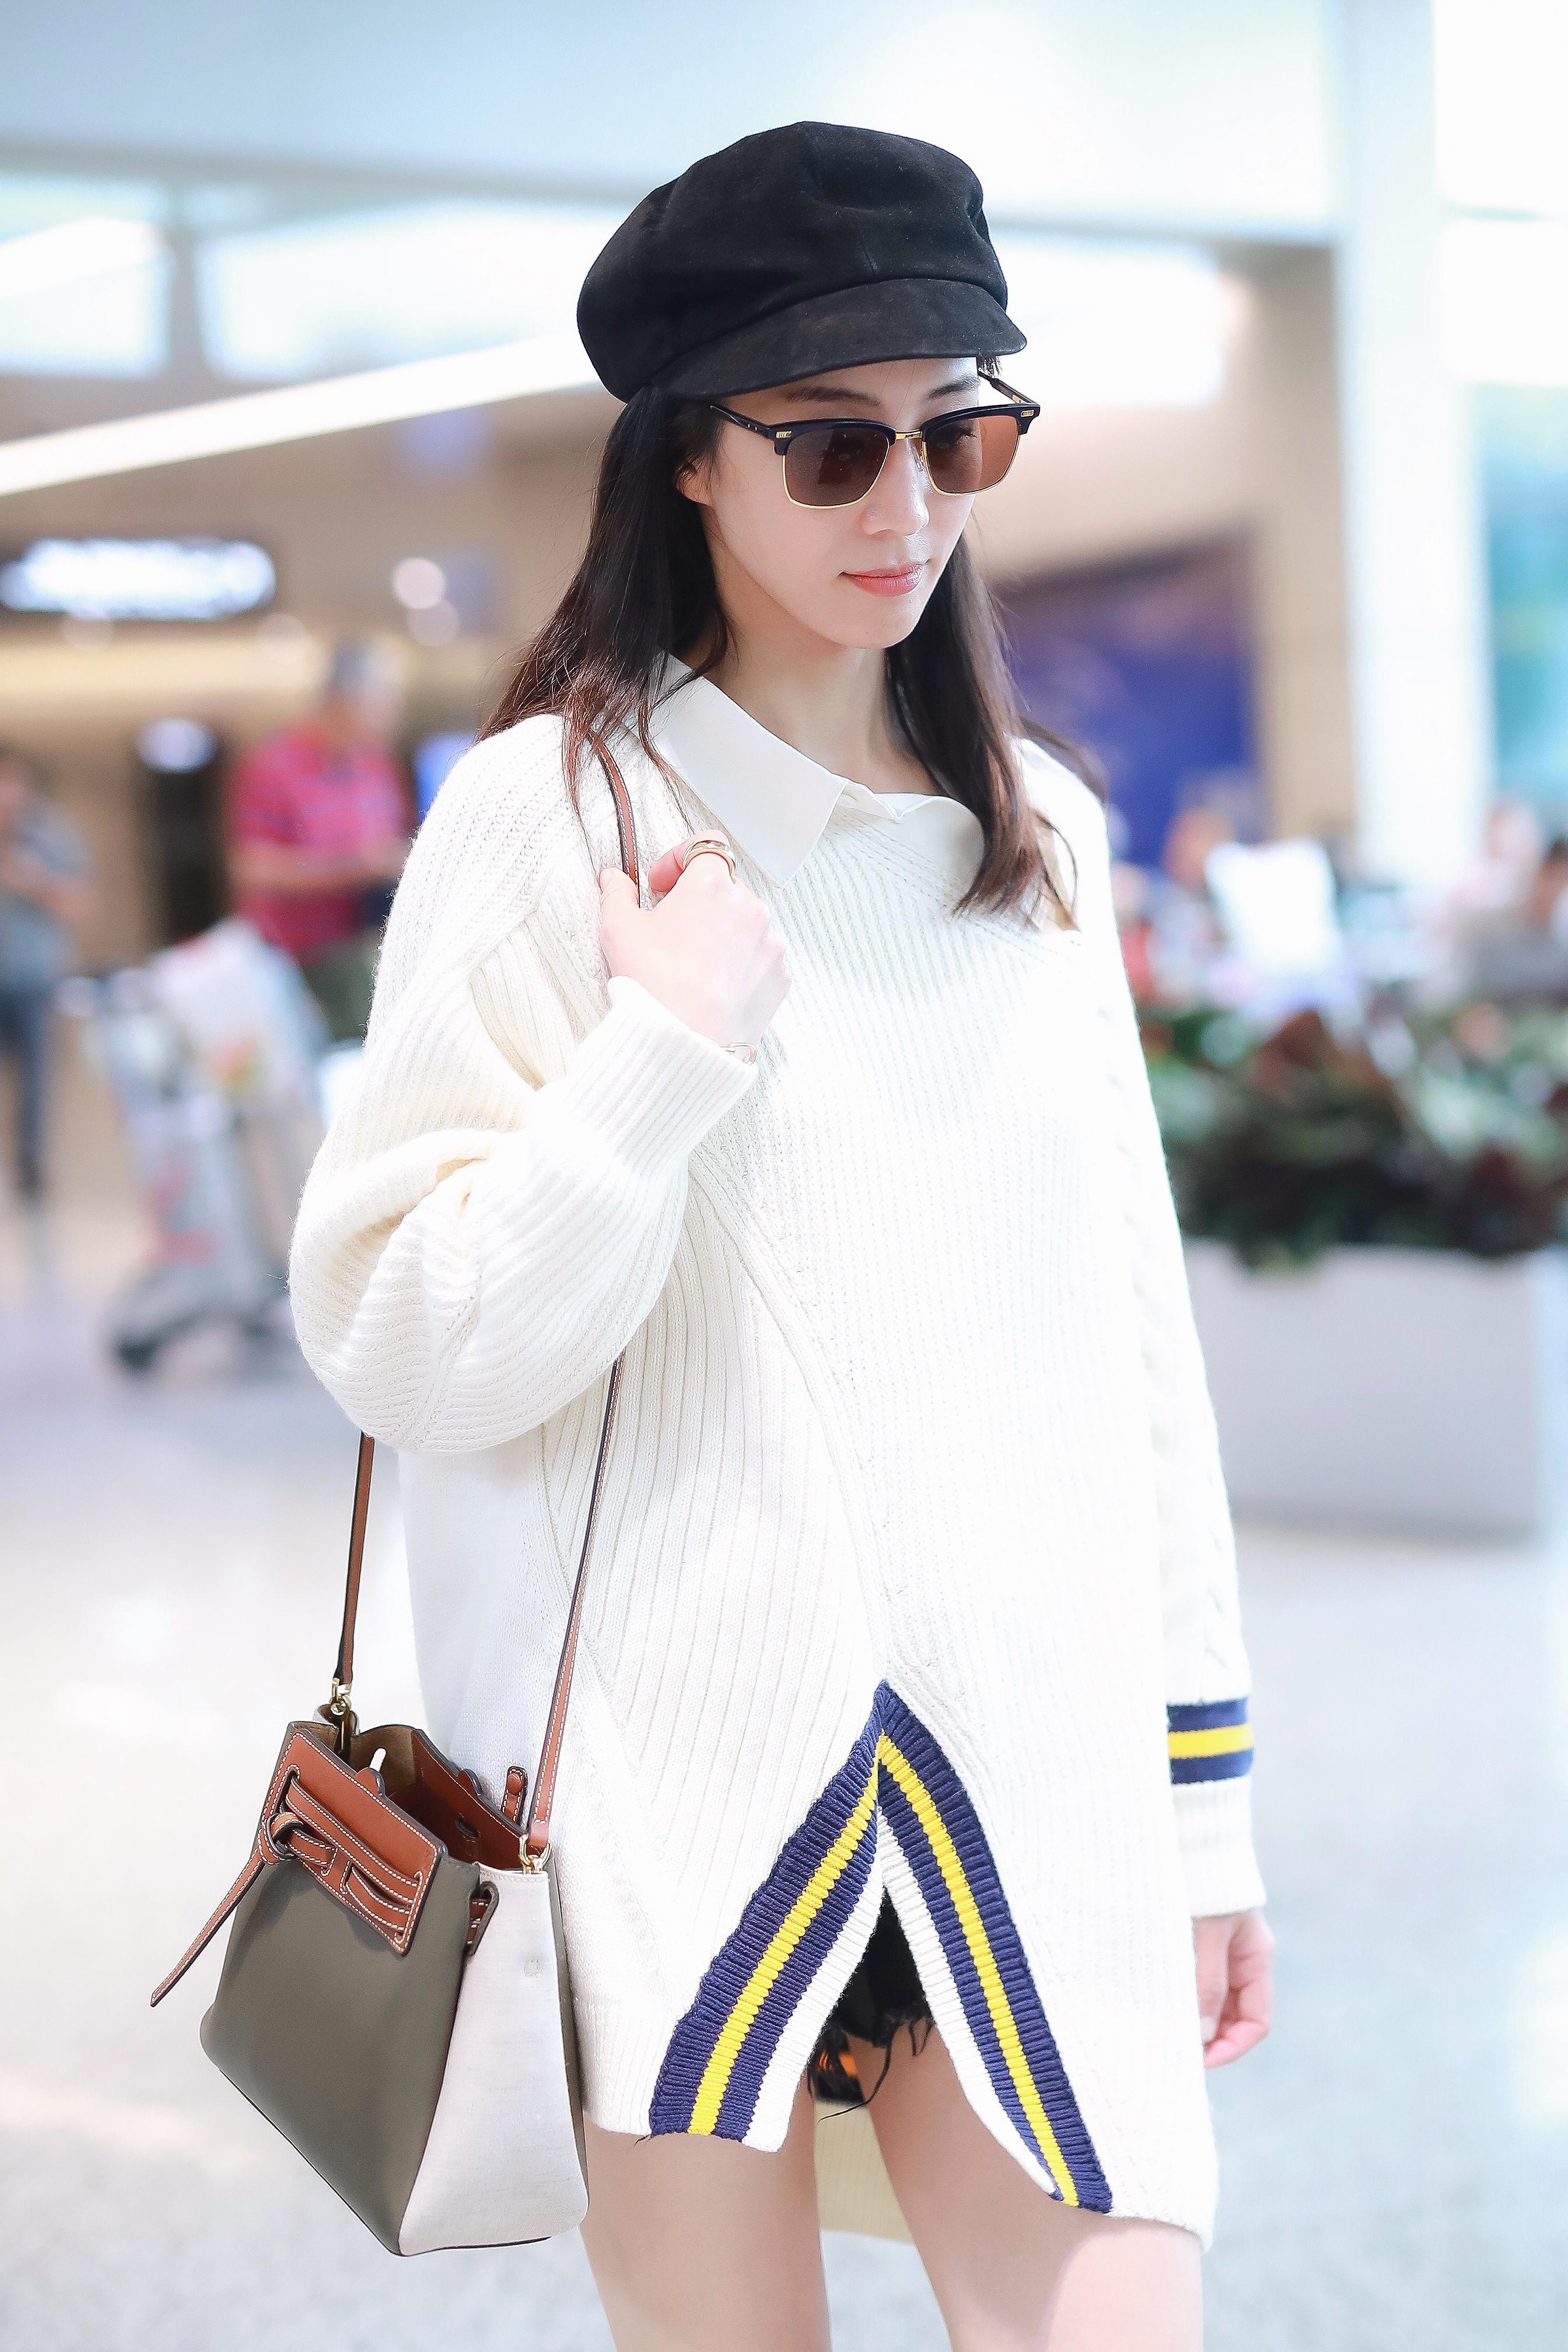 张钧甯现身上海机场 白色毛衣带来初秋精致时尚